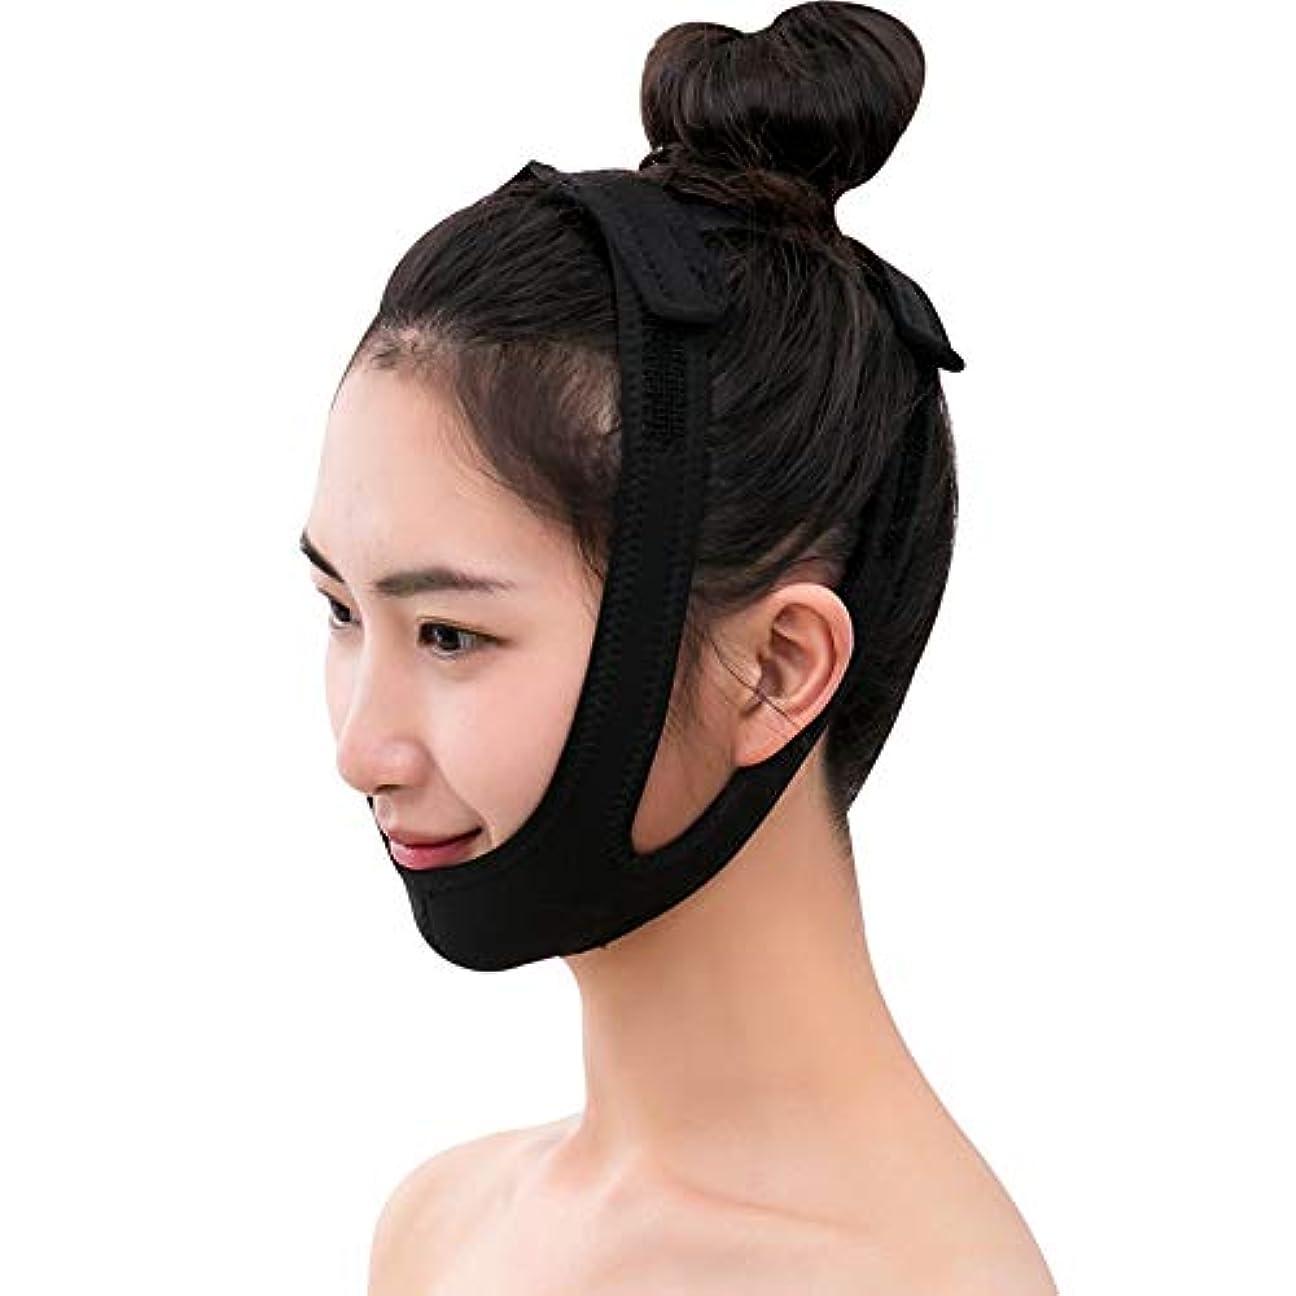 廃棄する悪因子オフ薄いフェイスバンド - 薄い顔の包帯ビューティーインストゥルメントフェイシャルリフト睡眠マスク法Vフェイスマスクの通気性を作る